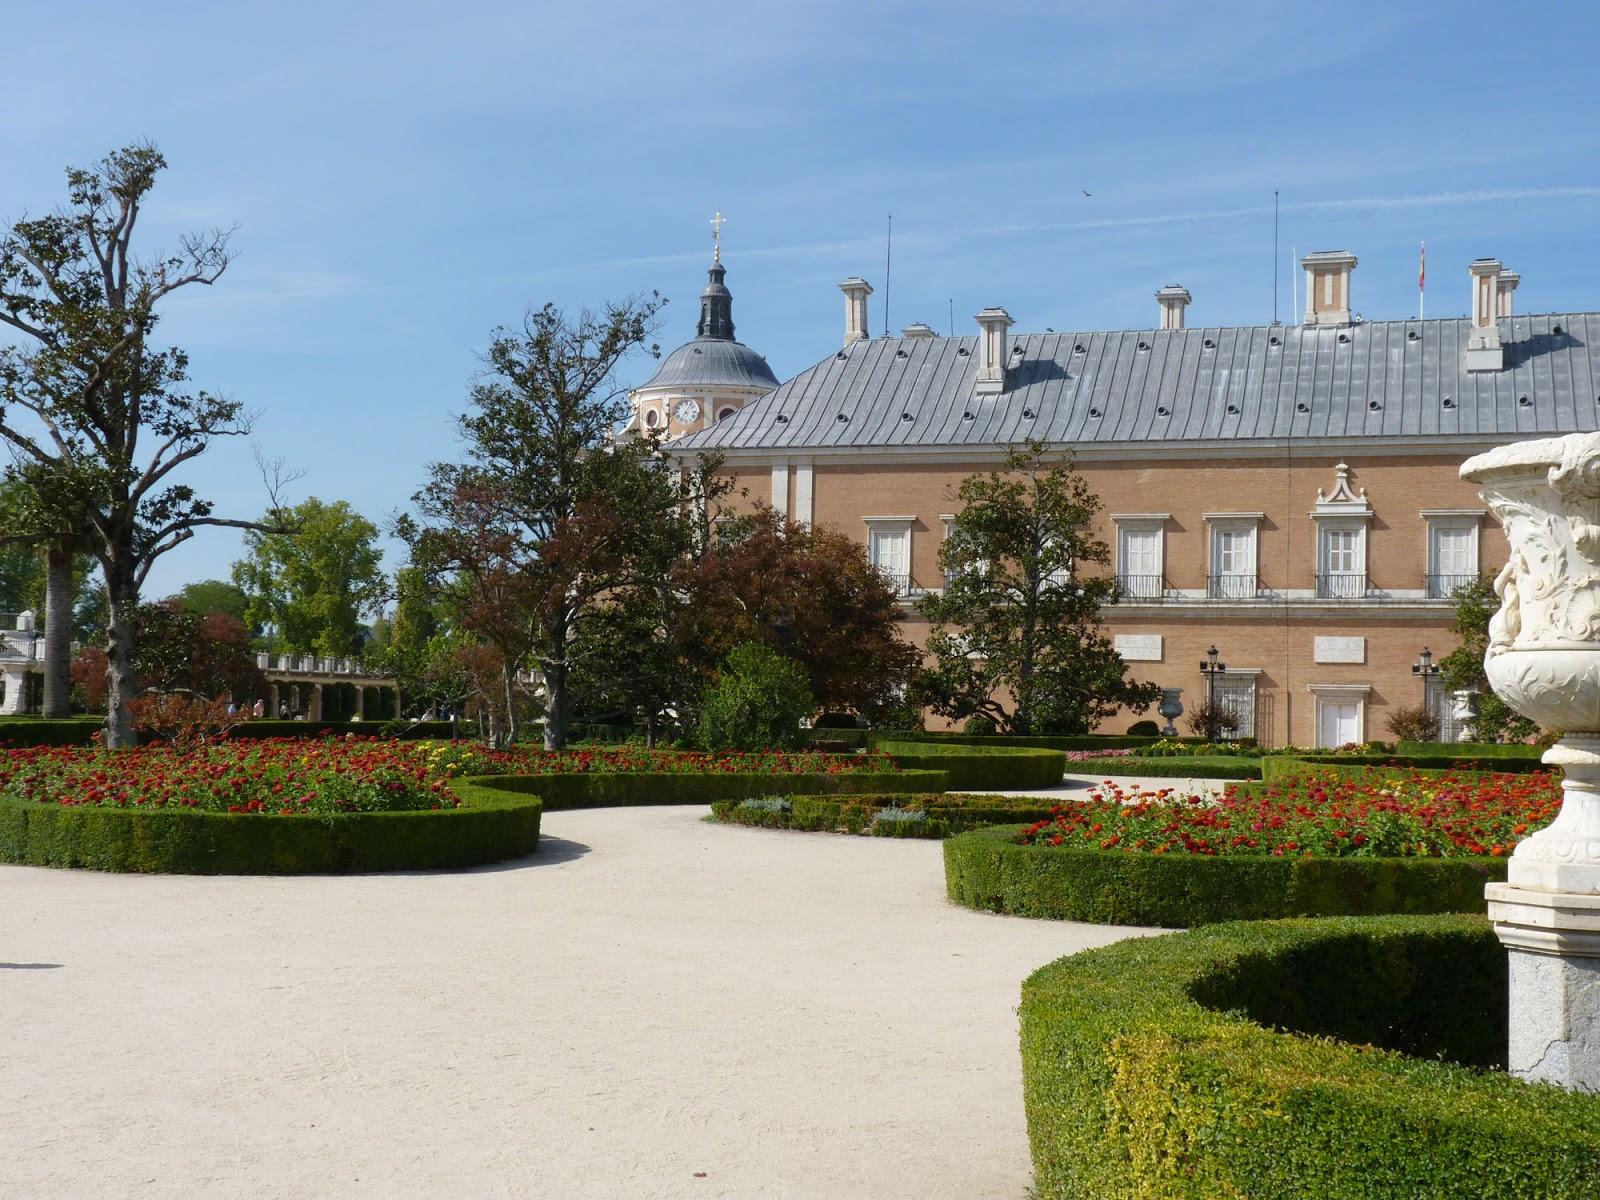 Unos amigos de paradores una tarde en aranjuez for Aranjuez palacio real y jardines